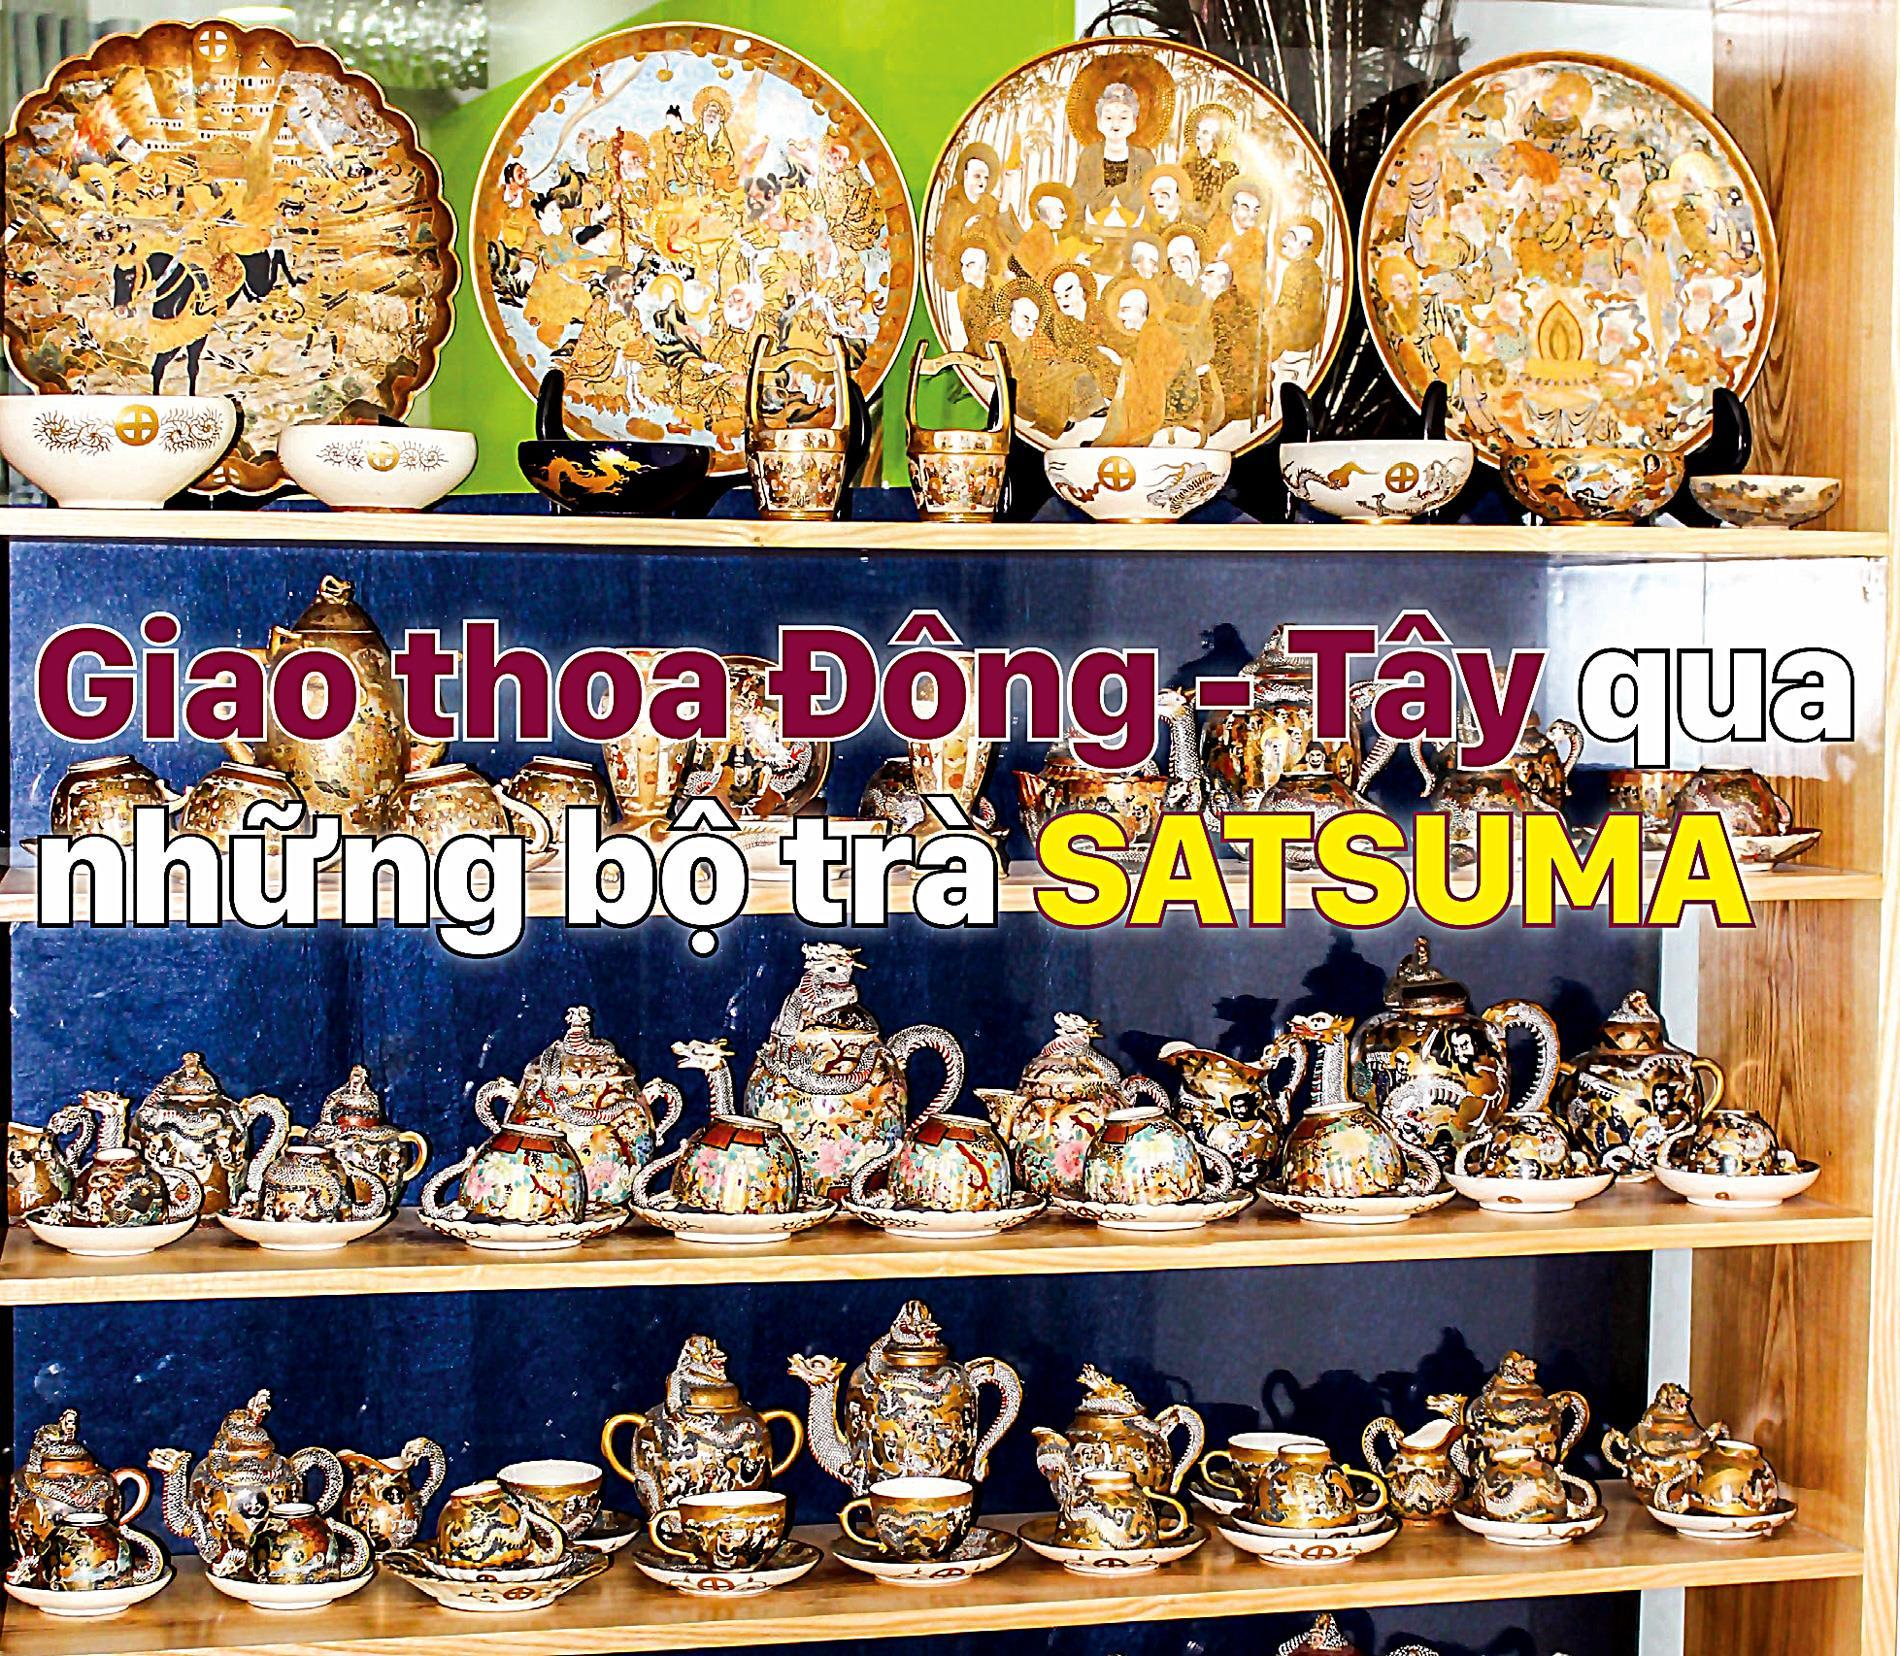 Giao thoa Đông - Tây qua những bộ trà SATSUMA